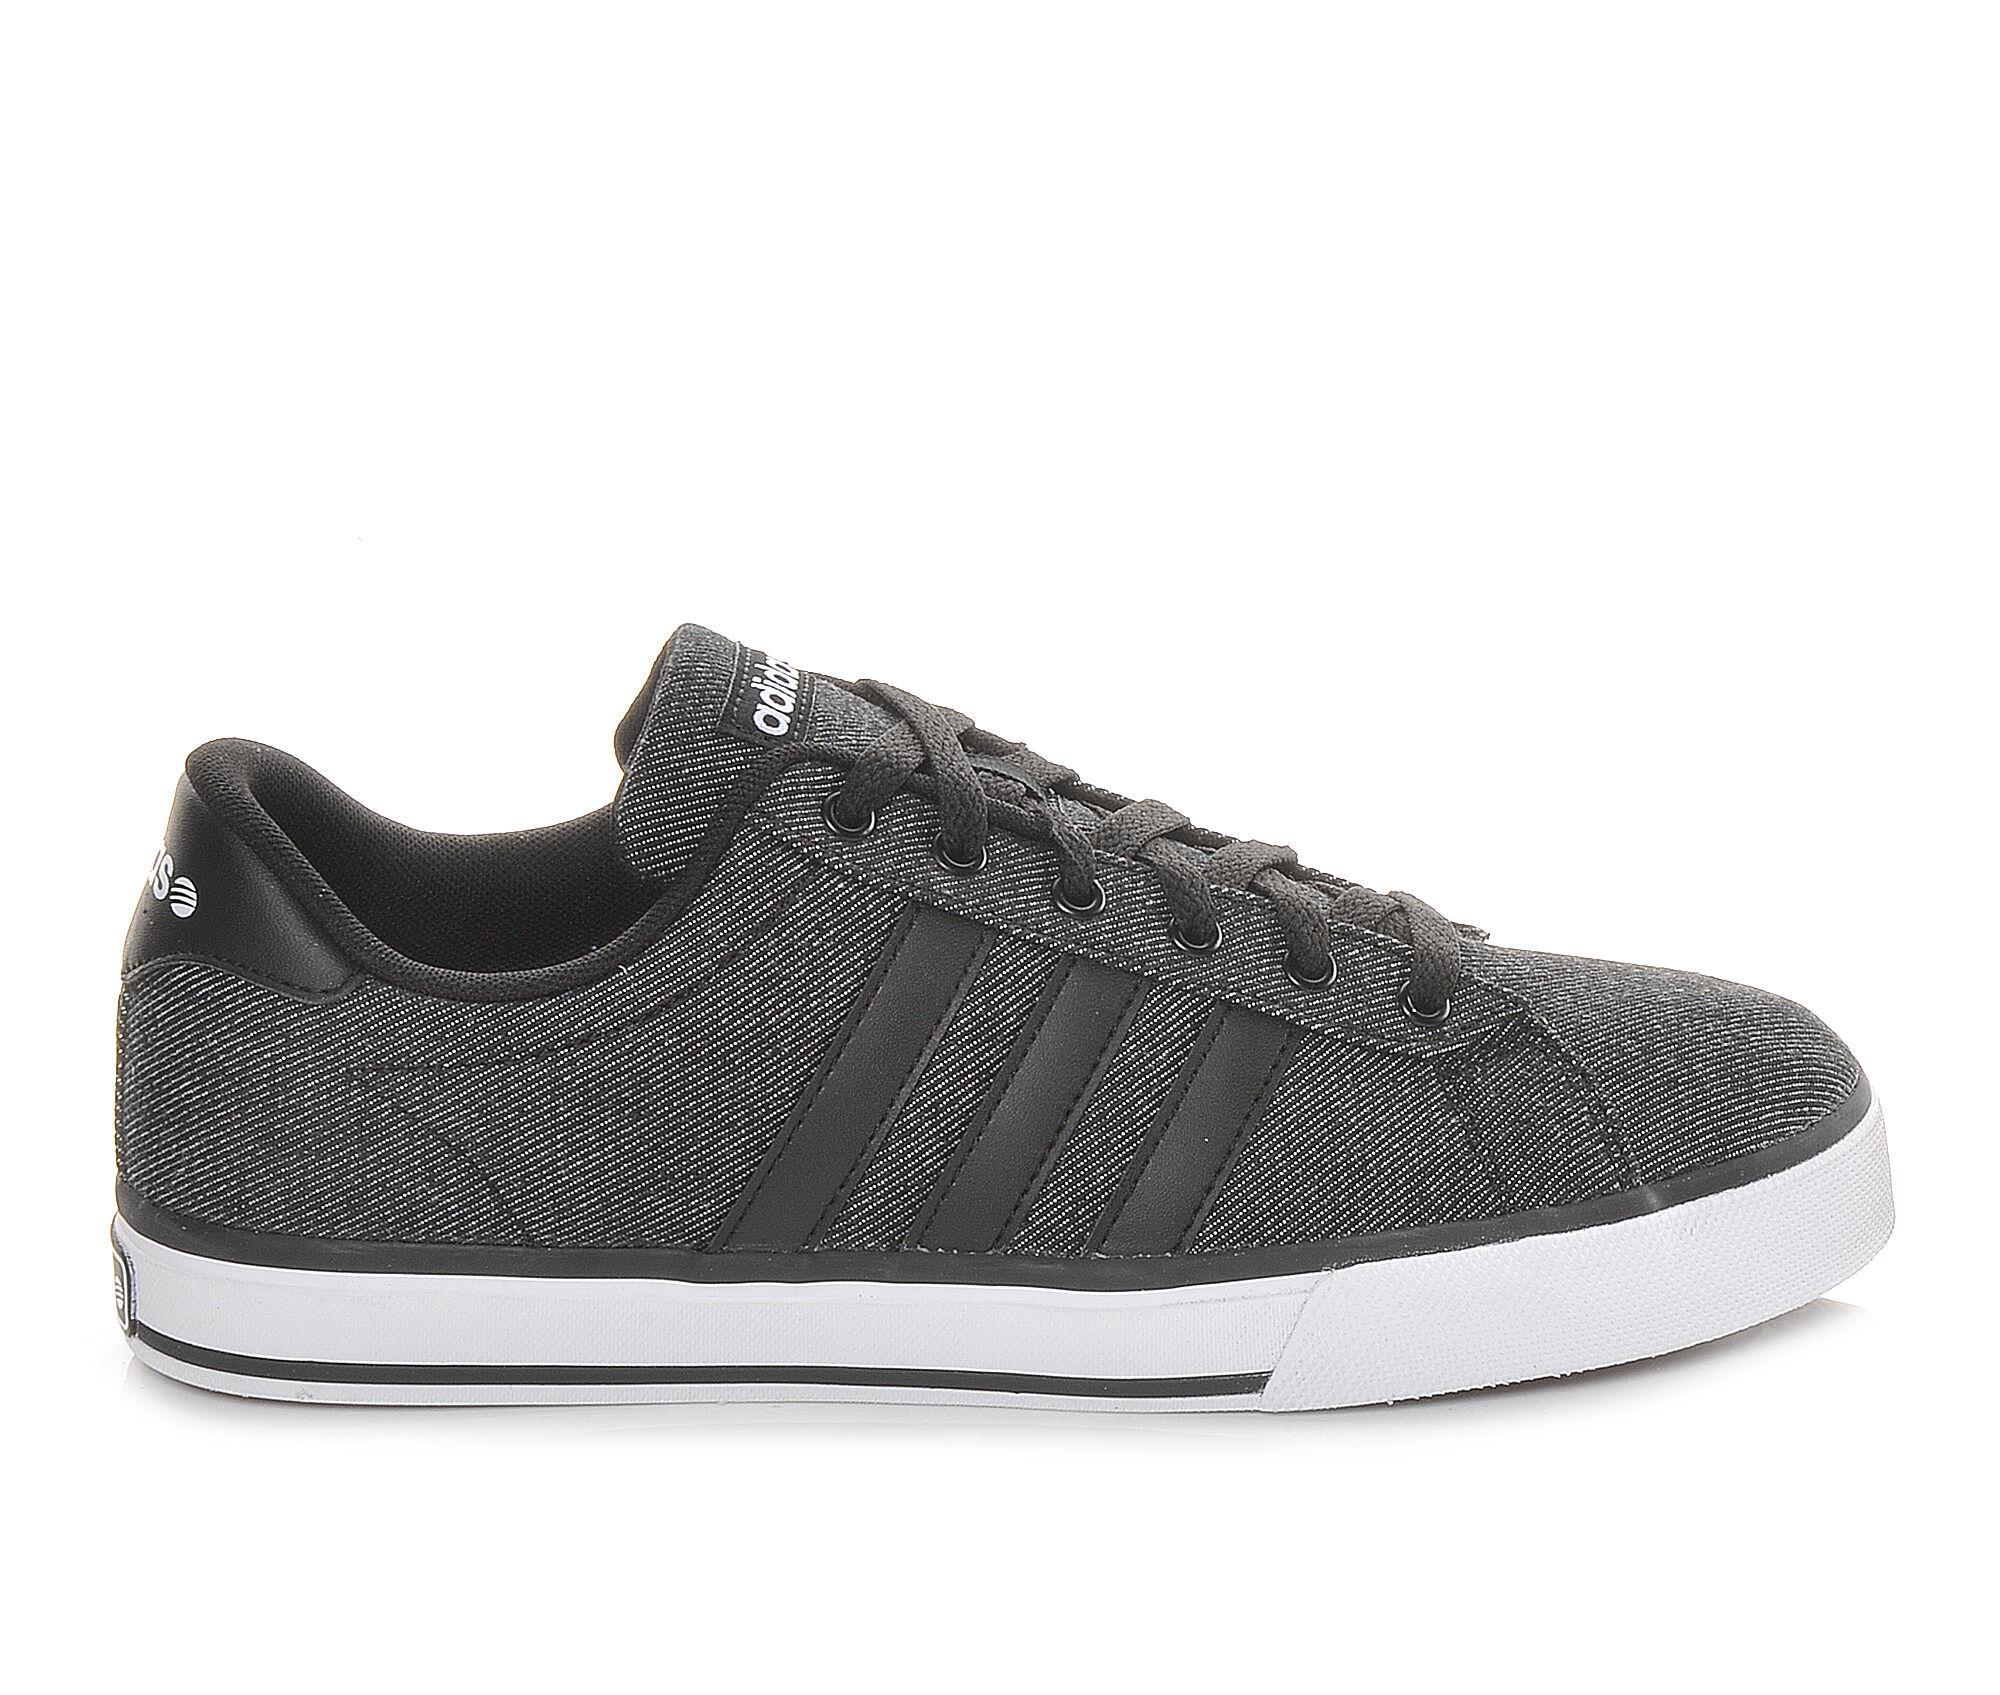 Men's Adidas SE Daily Vulc Denim Sneakers